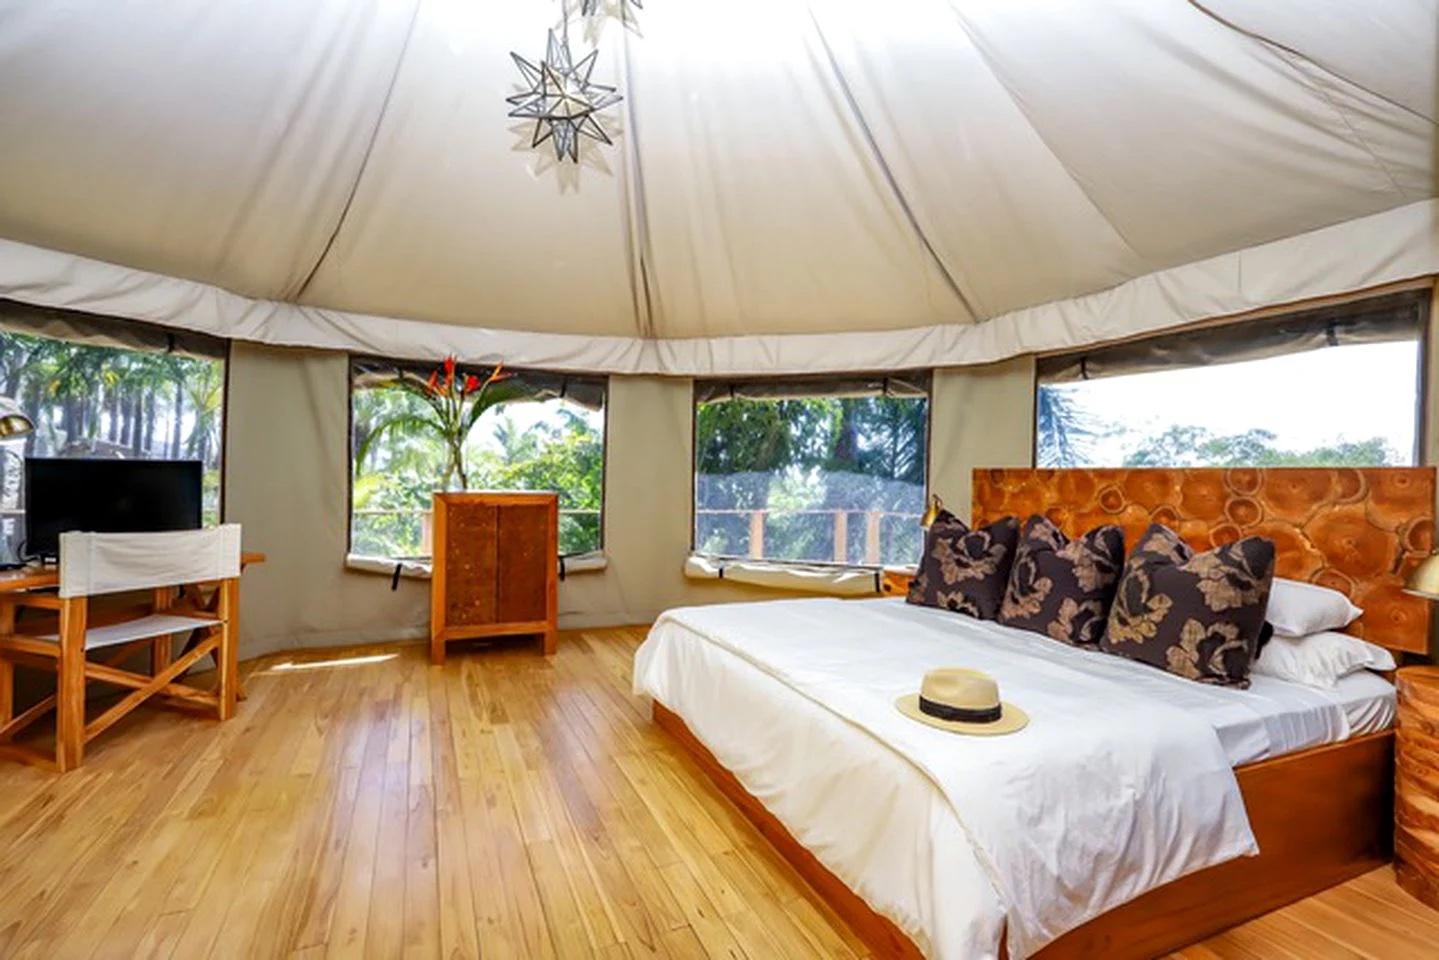 Luxury Tent Interiors